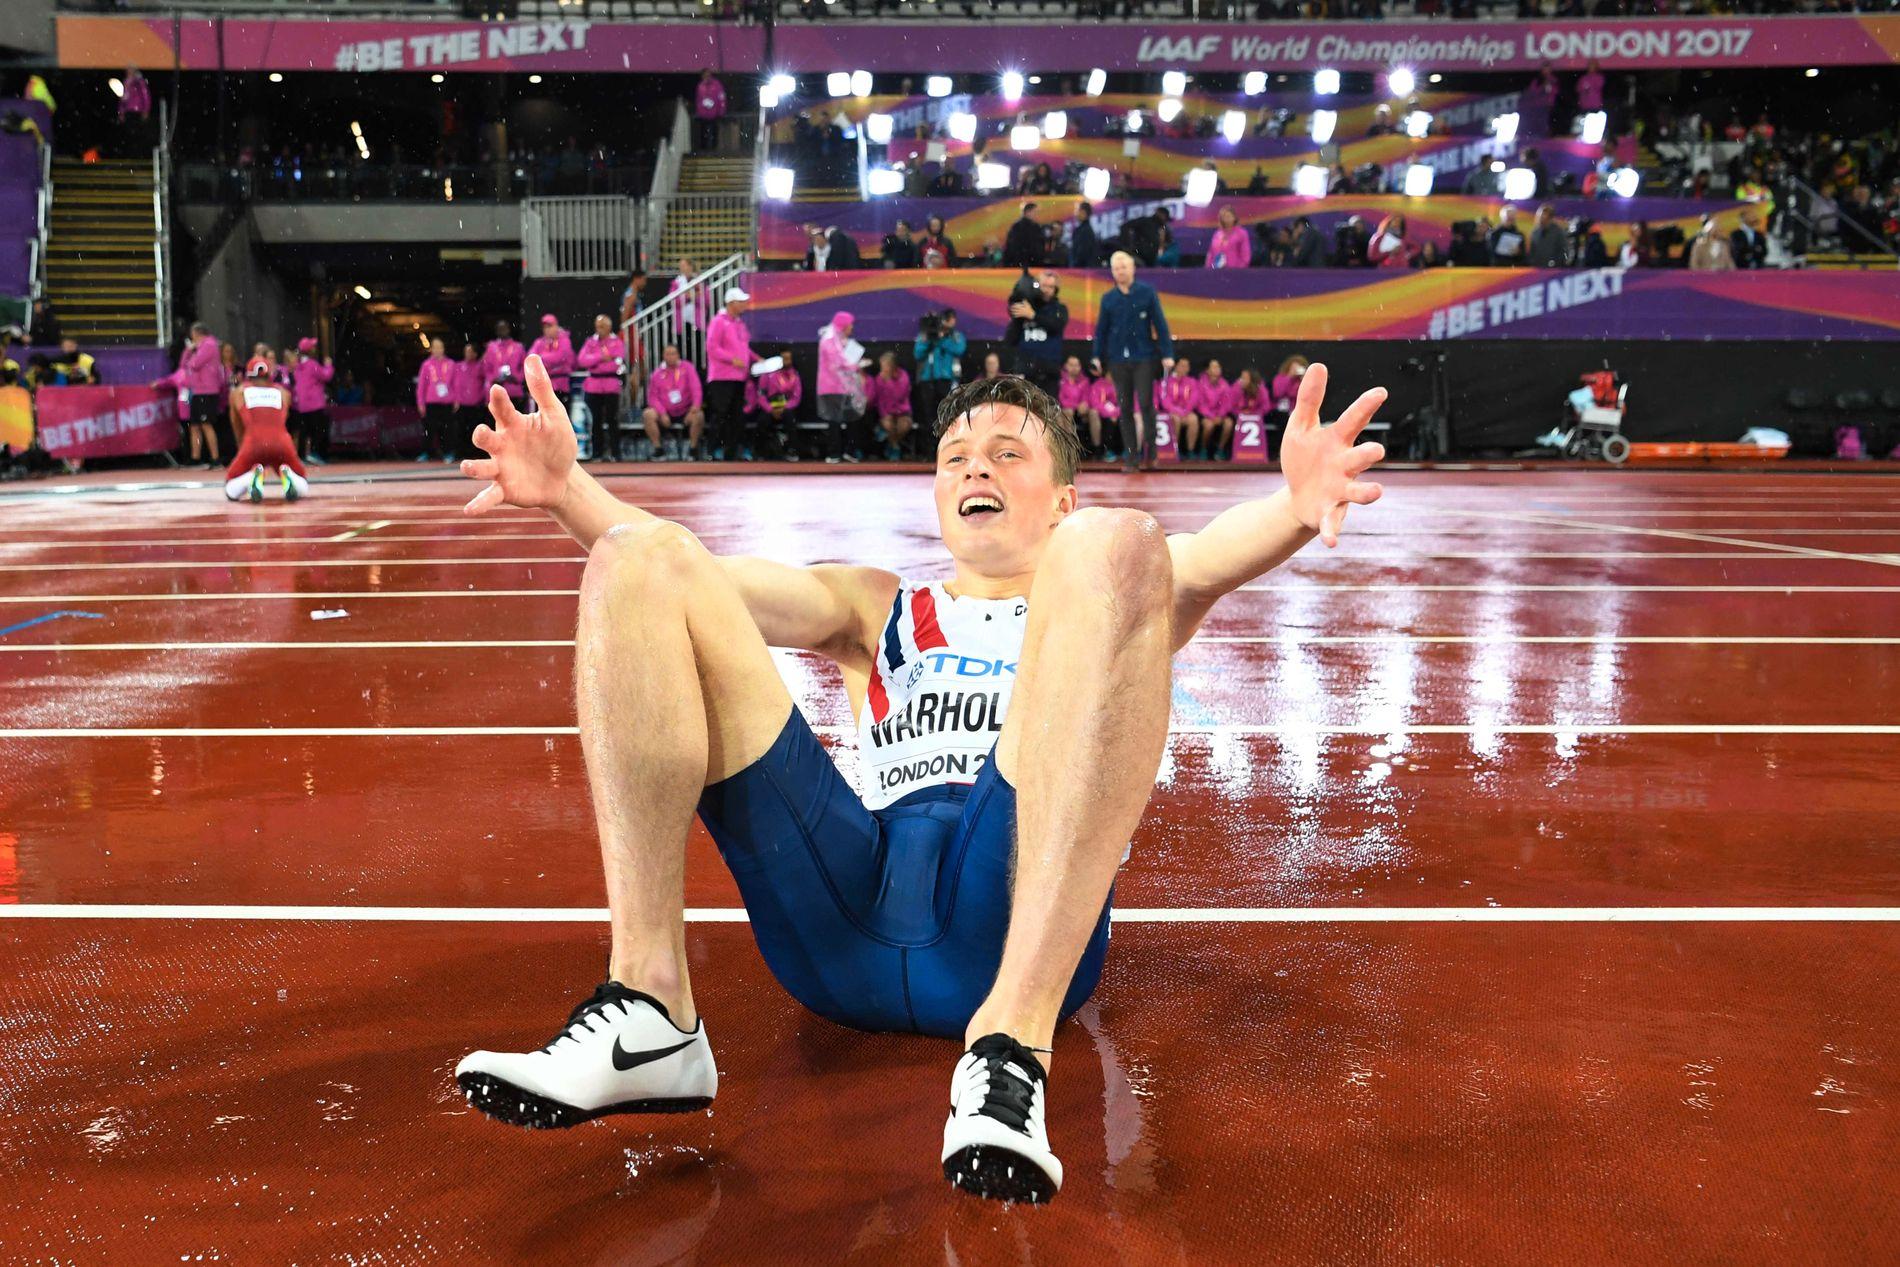 HISTORISK GULL: Karsten Warholm knuste alle - og vant VM-gull på 400 meter hekk i London.